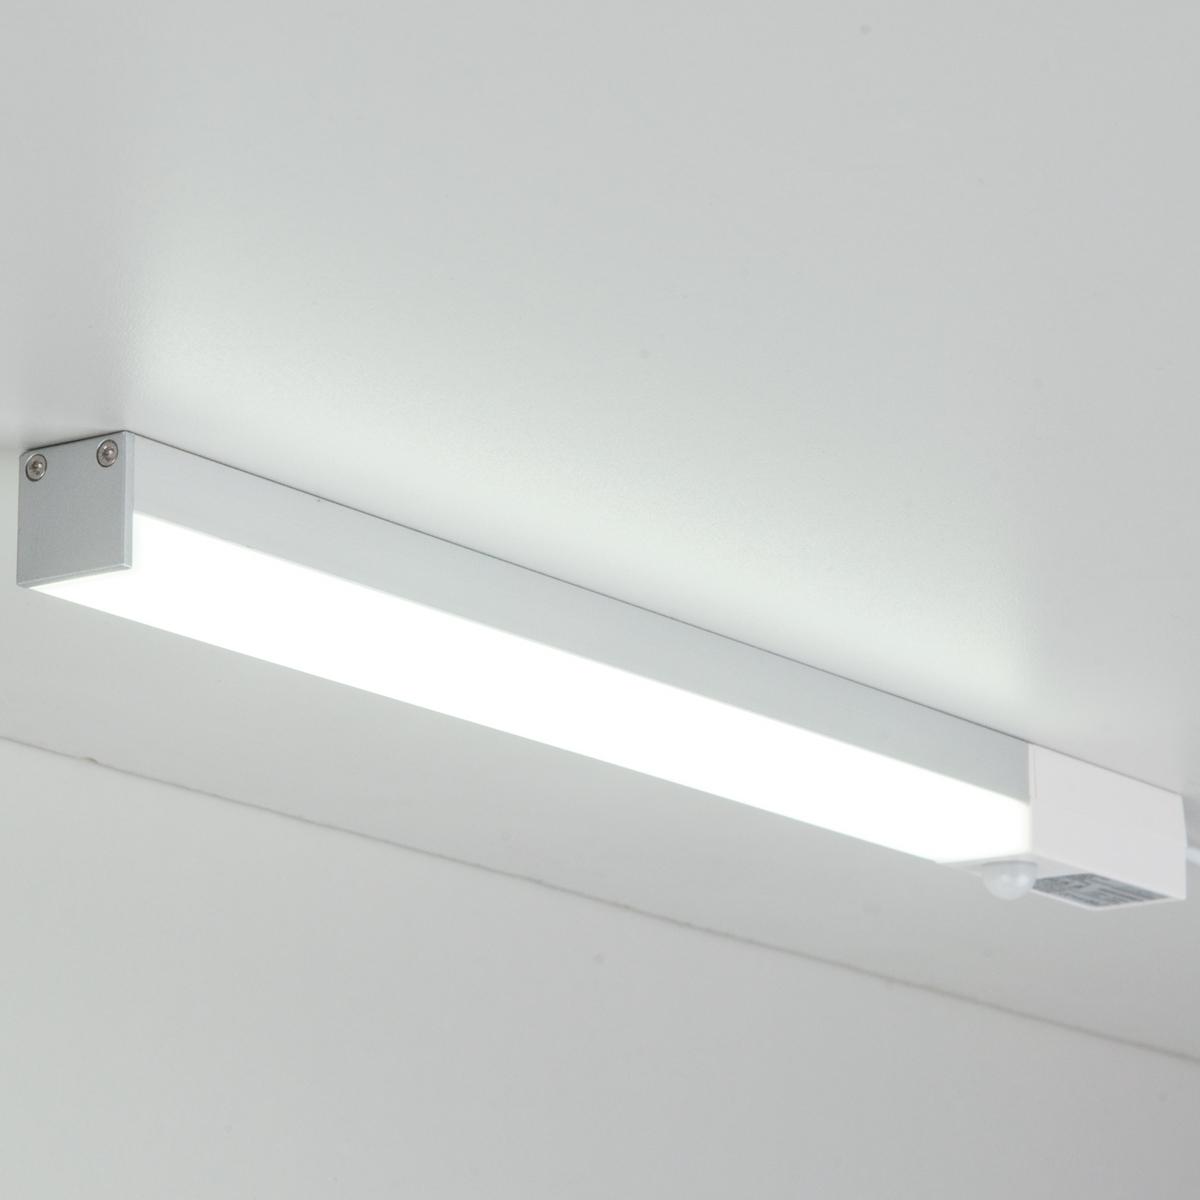 Светодиодиодный светильник Led Stick LSTS01 5W 4200К 30sm с датчиком движения